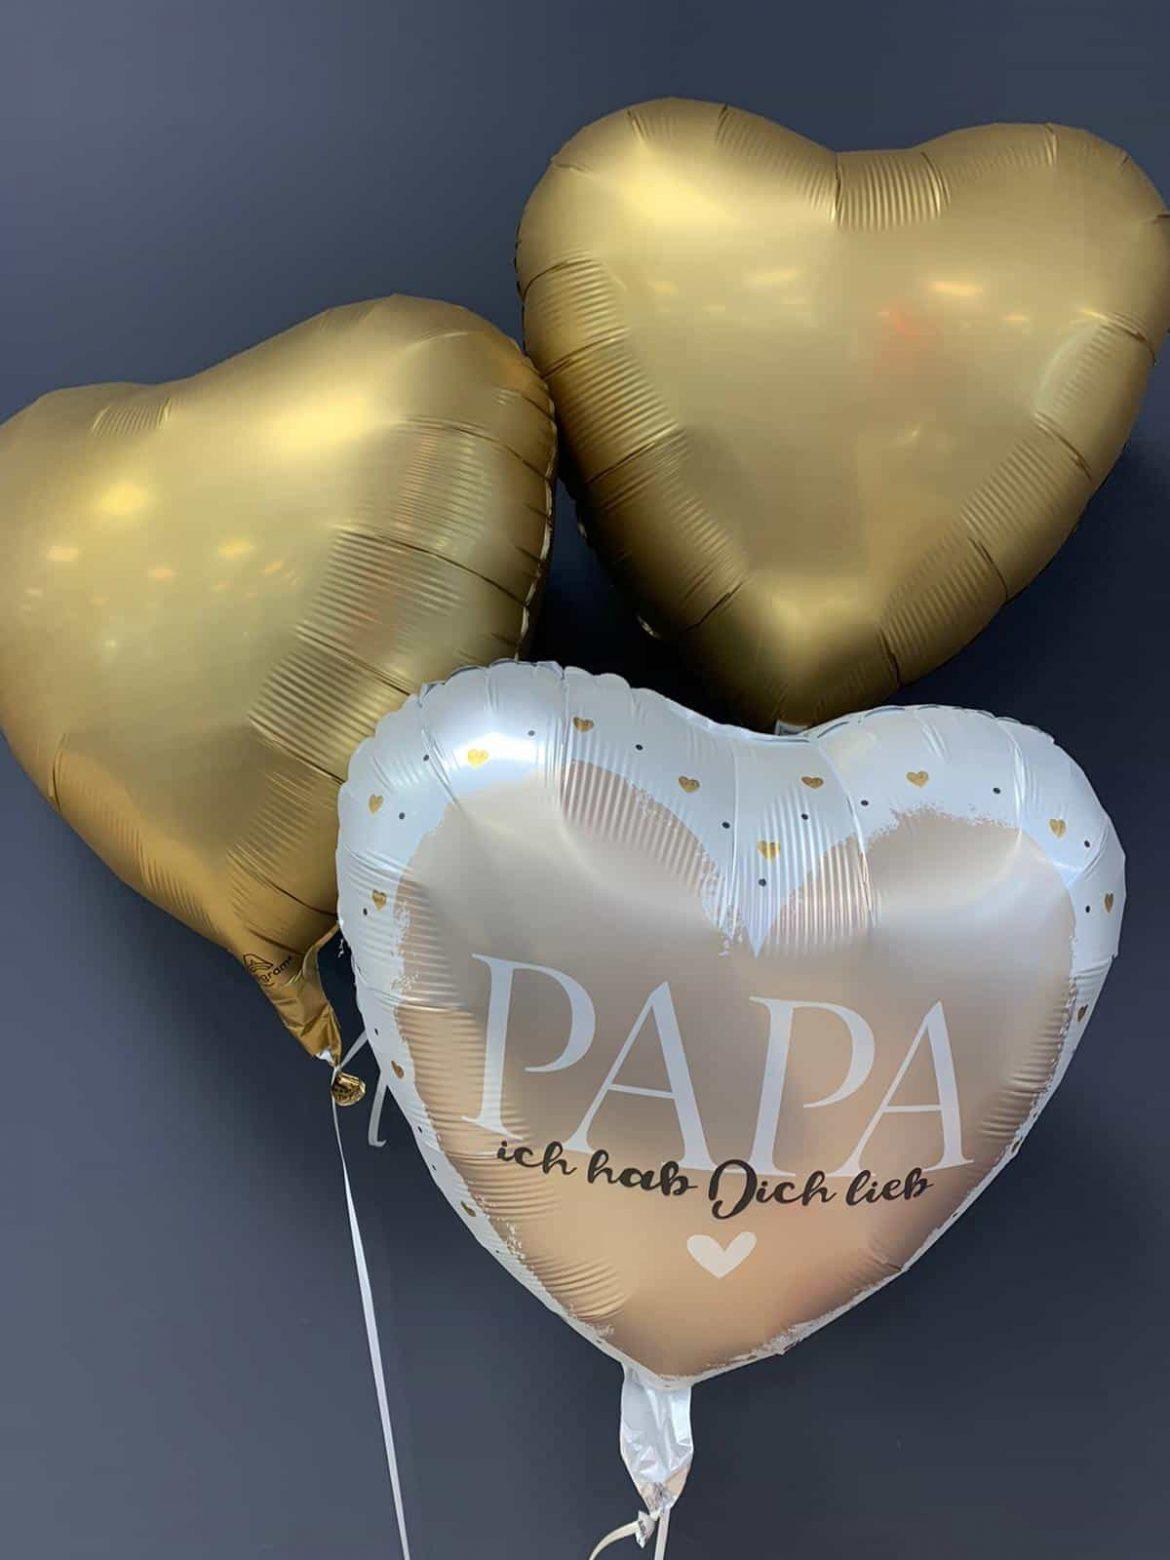 Ballon Papa € 5,90 <br> Dekoballons gold € 4,50 1